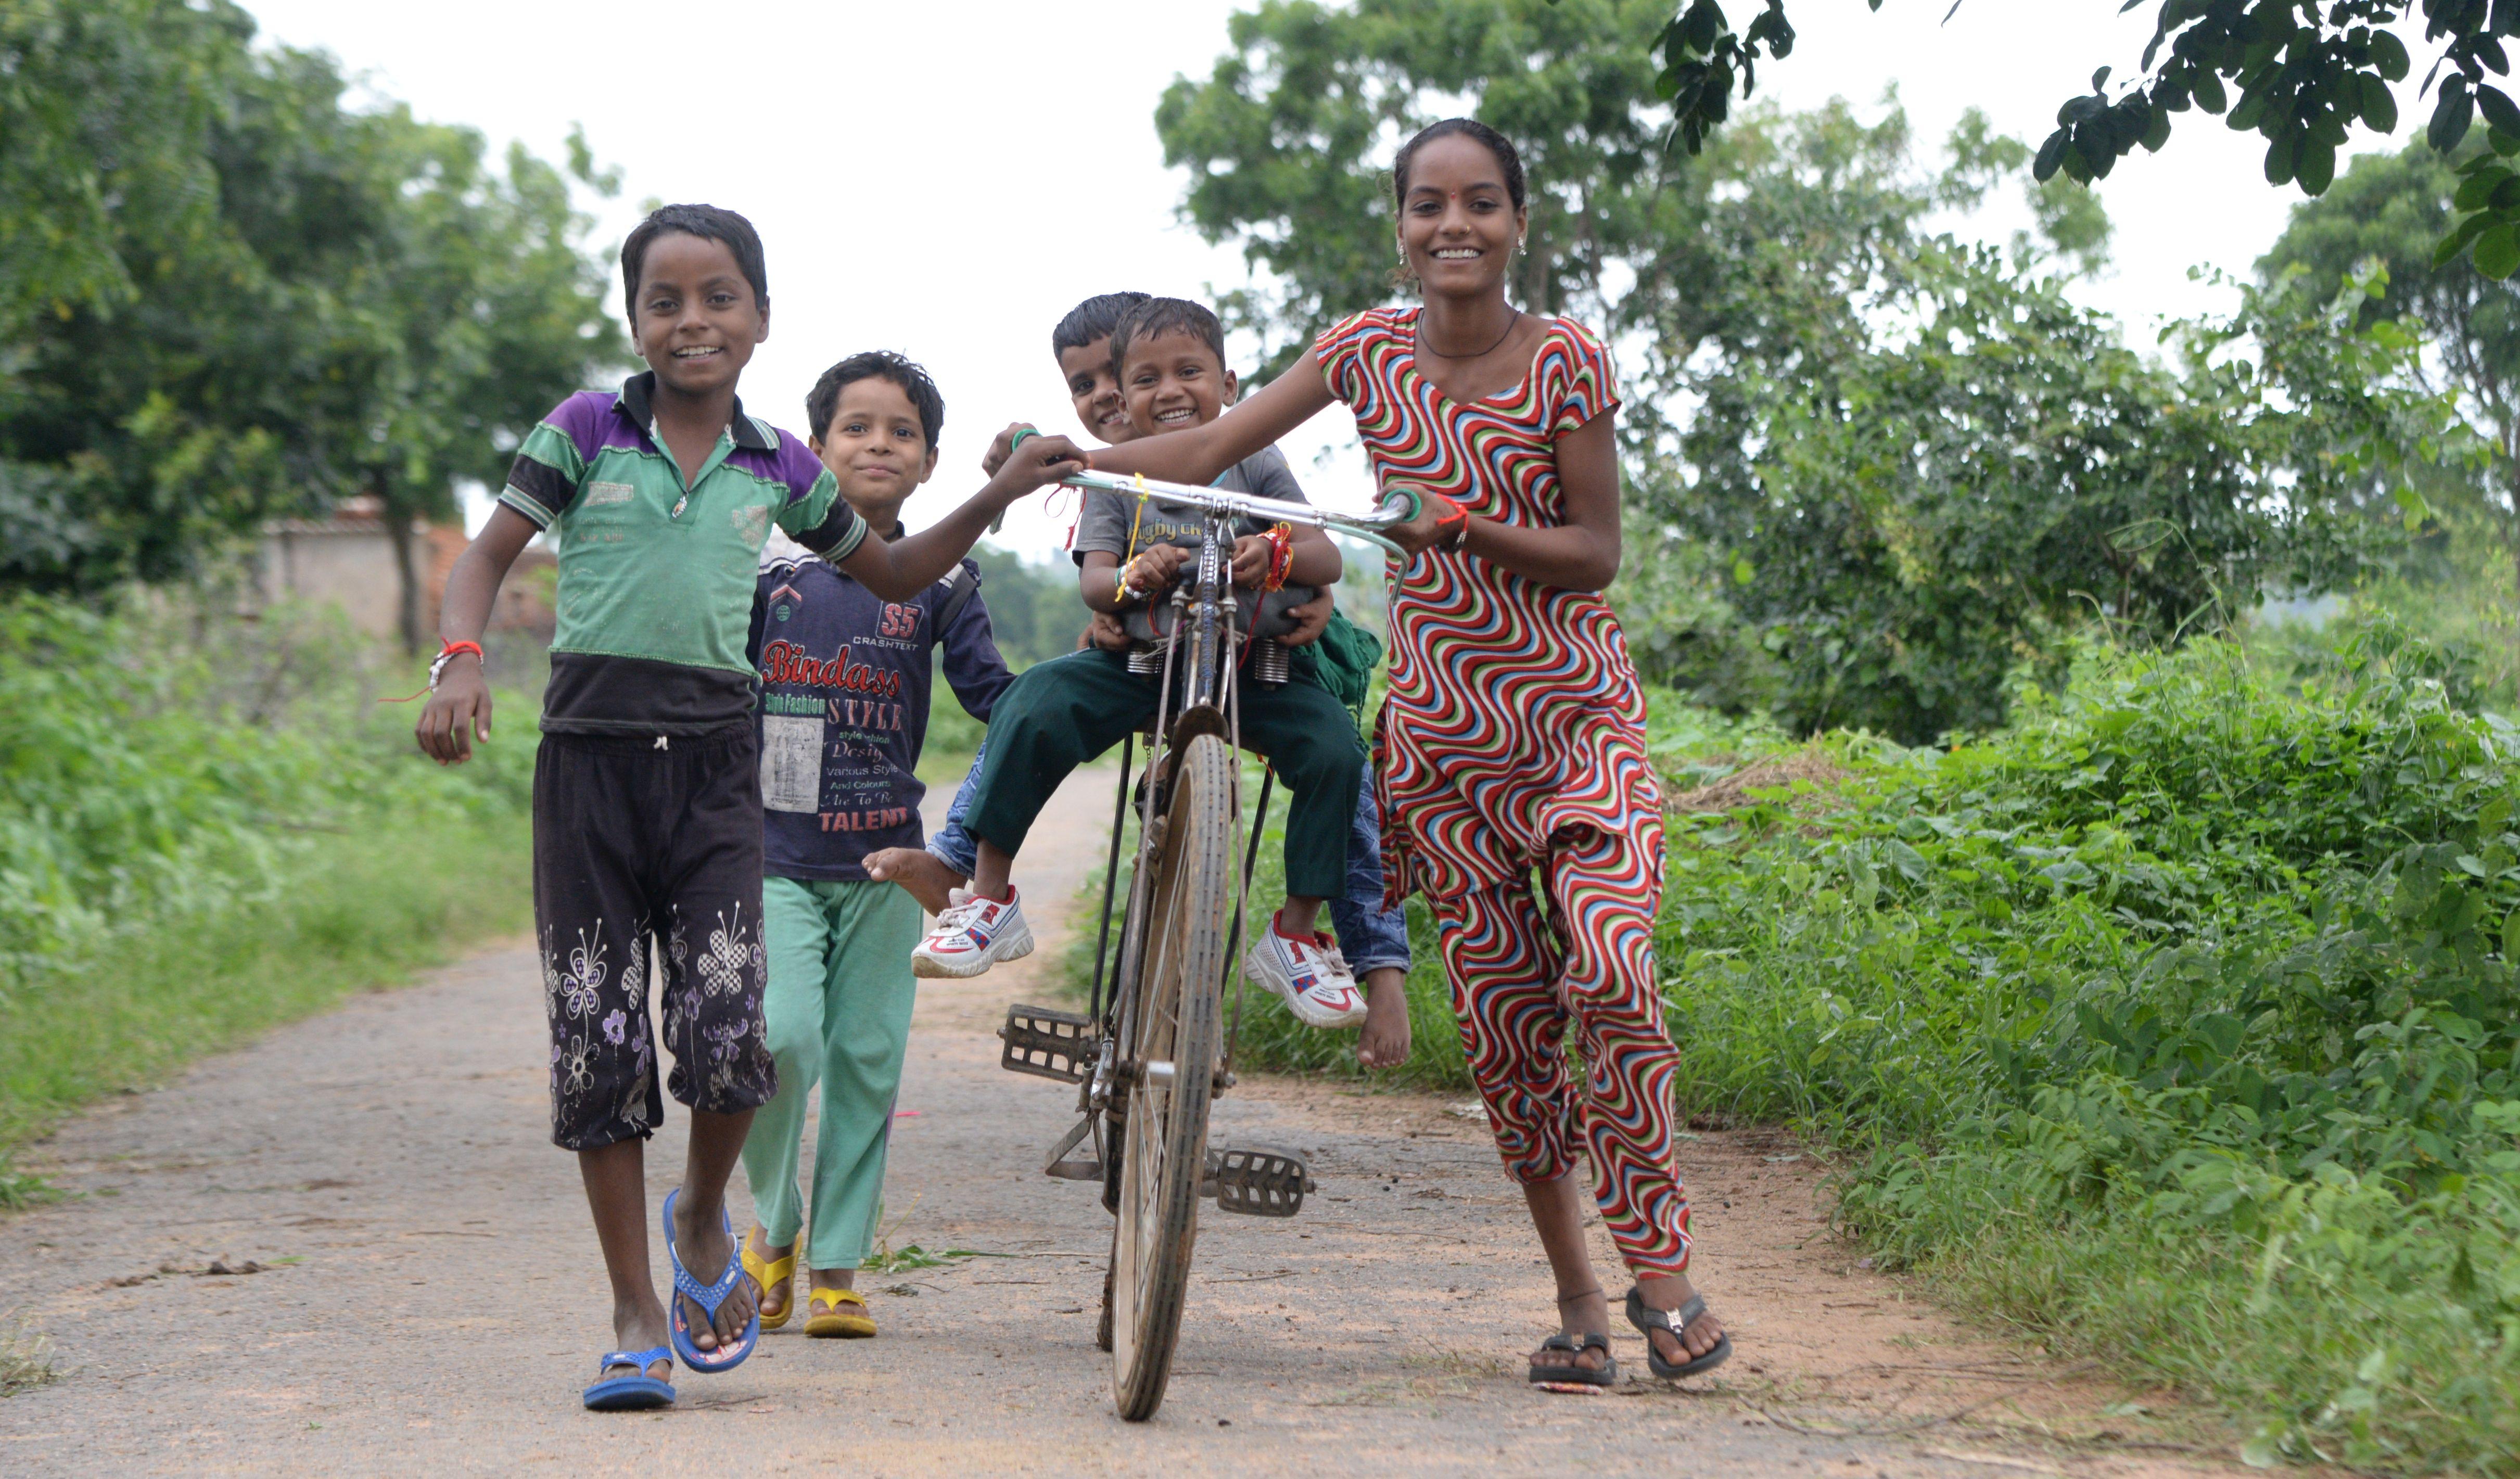 ज्या हरयाणातल्या मुली गर्भातच मारल्या जात होत्या, त्या आता मुक्त आयुष्य जगू लागल्या आहेत.